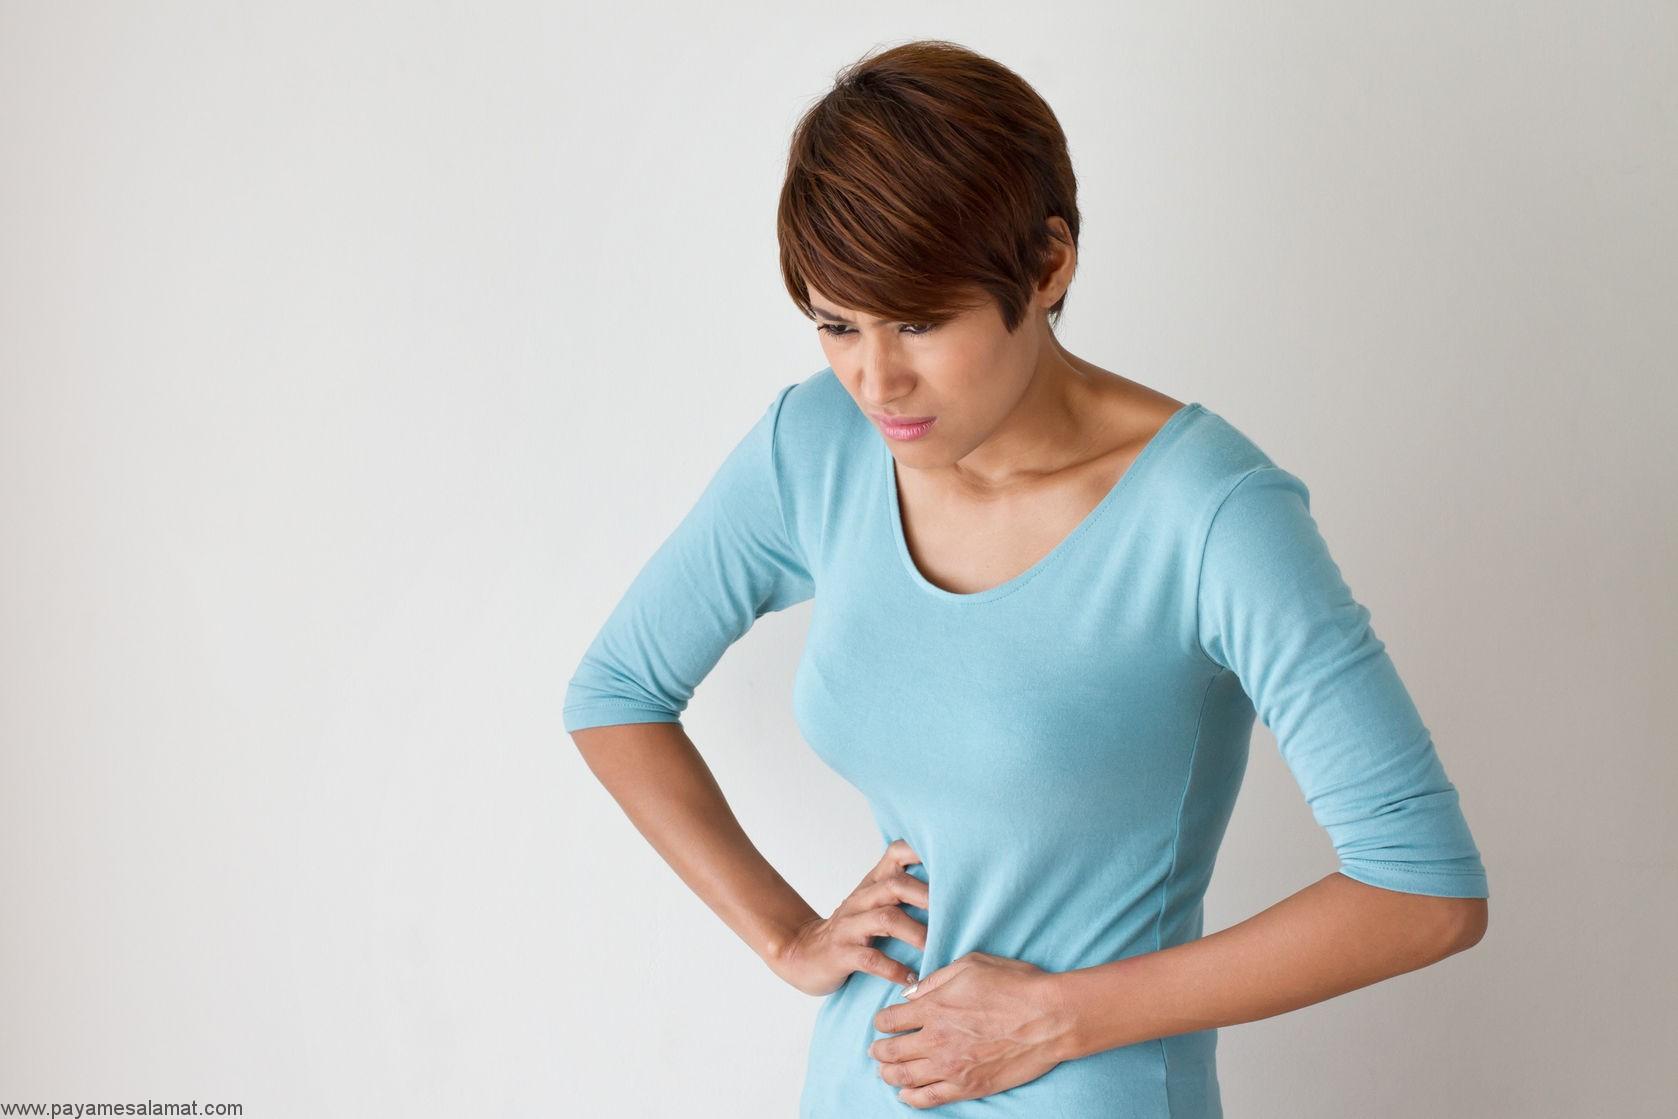 منوراژی (خونریزی شدید قاعدگی) ؛ علل، نشانه ها، درمان و روش های تشخیص